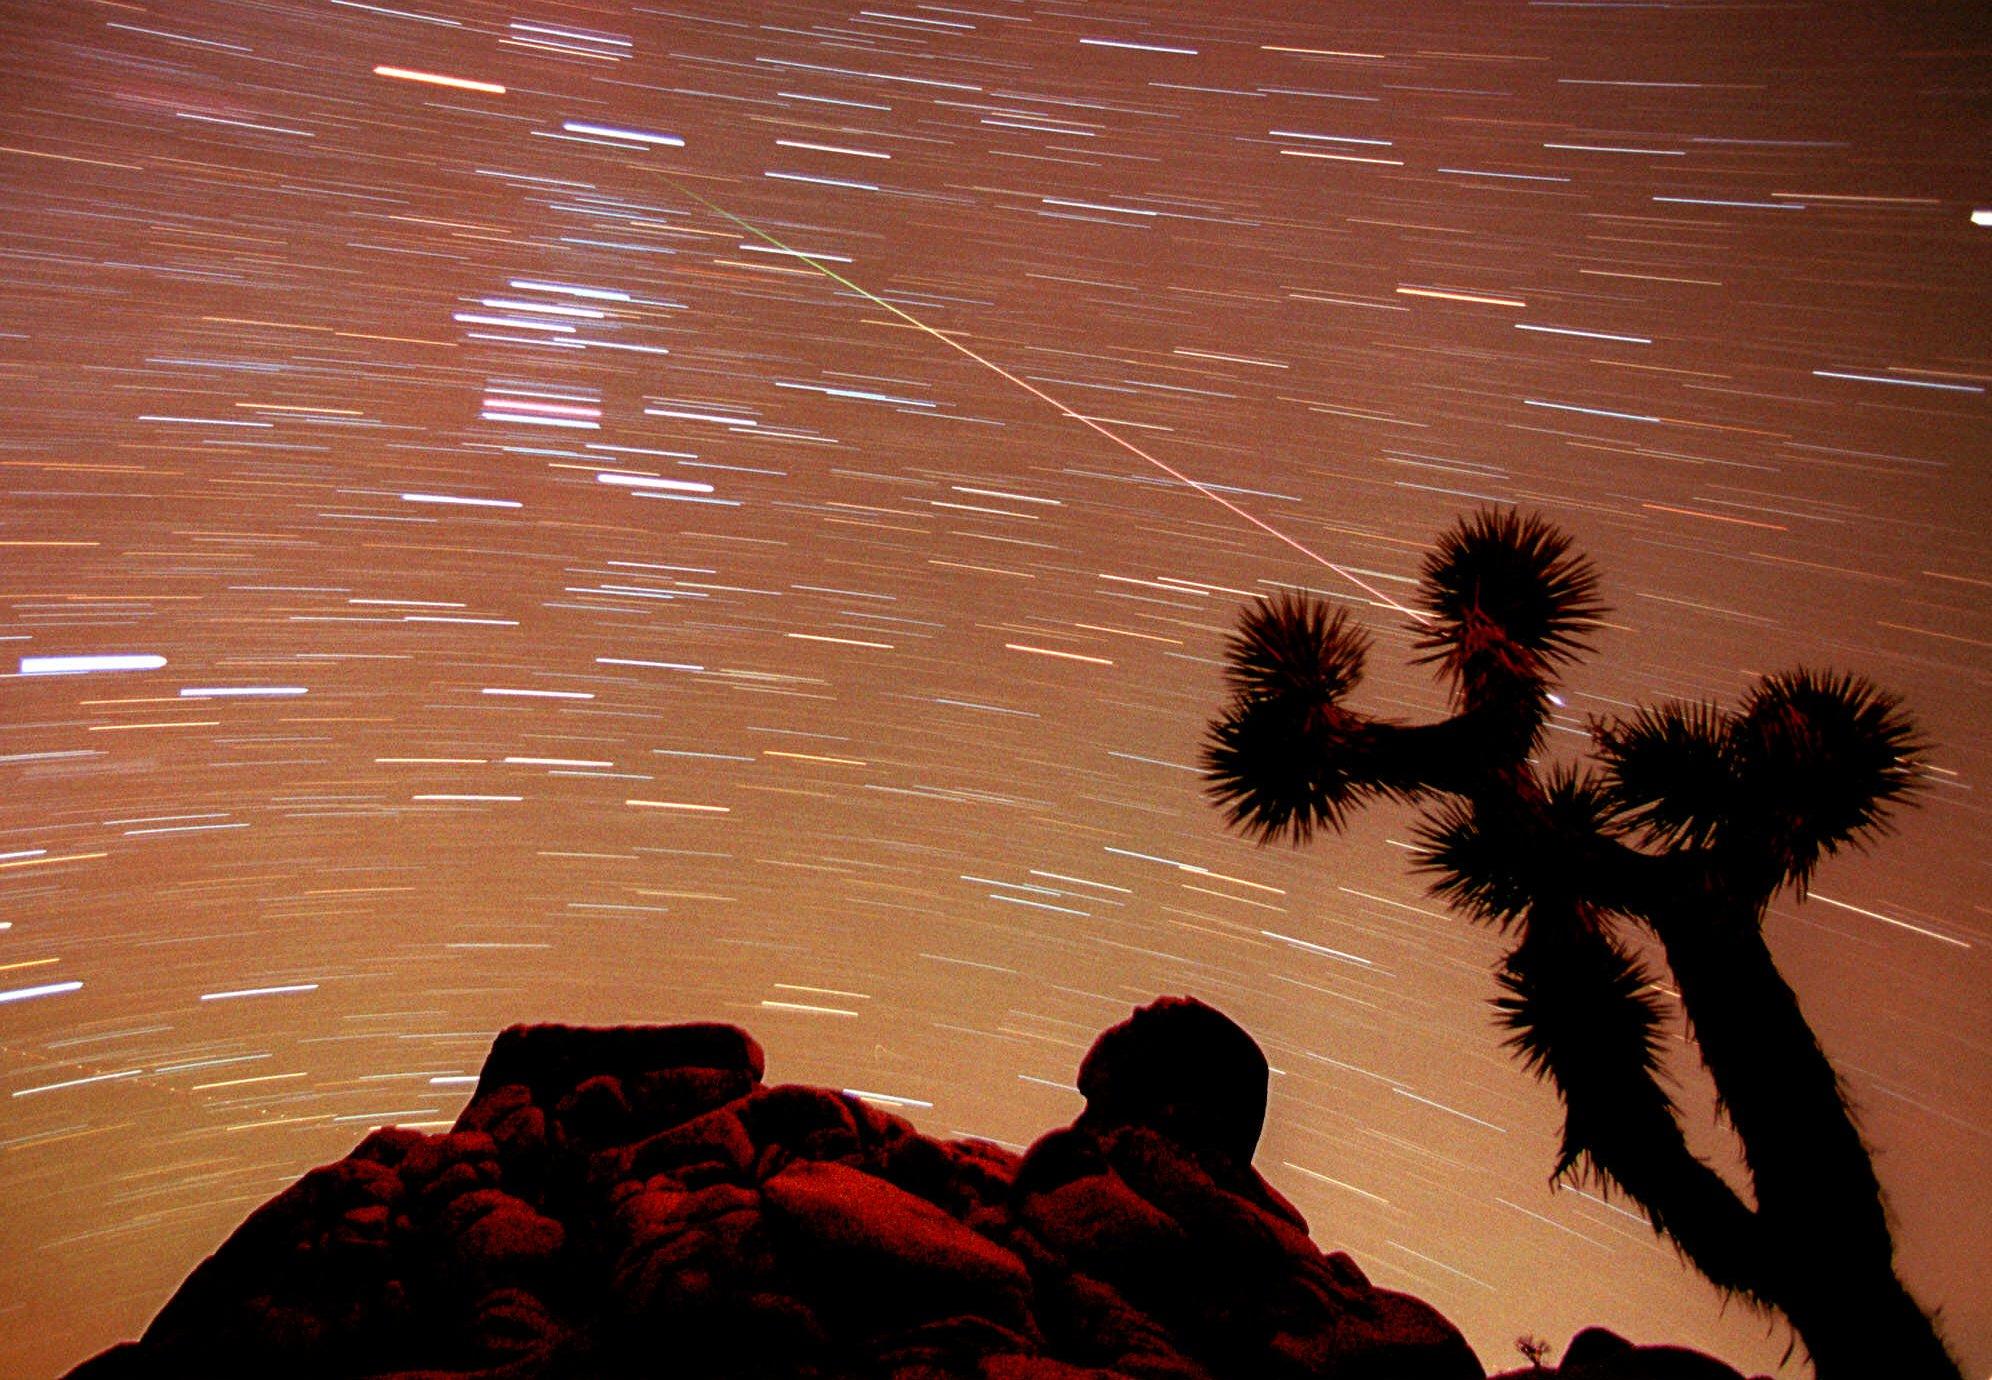 1998年11月17日,南加州的莫哈維沙漠(Mojave Desert)出現流星雨,圖為30分鐘的定時曝光照。(美聯社)